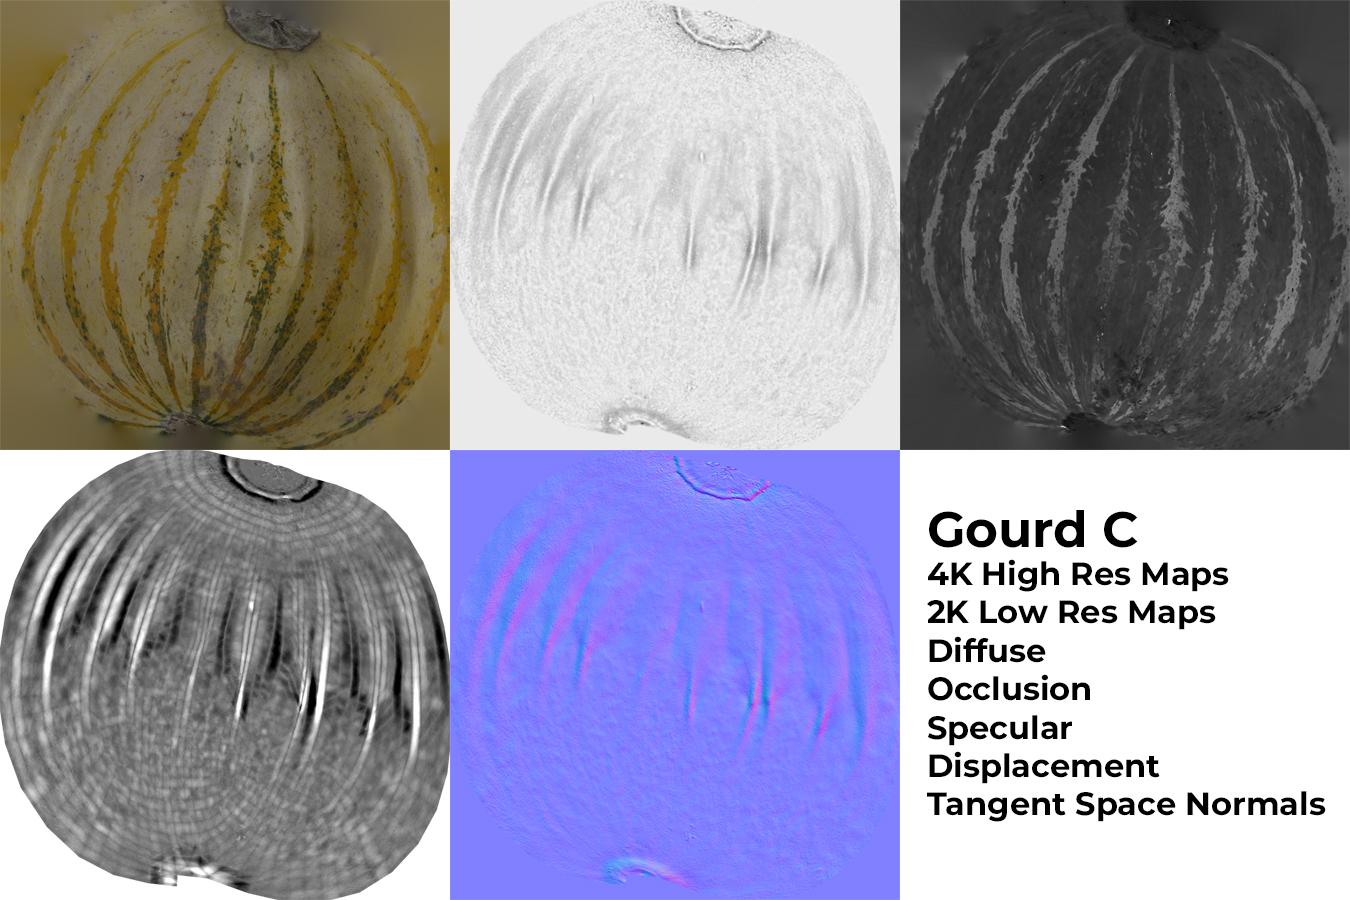 Gourd C Materials